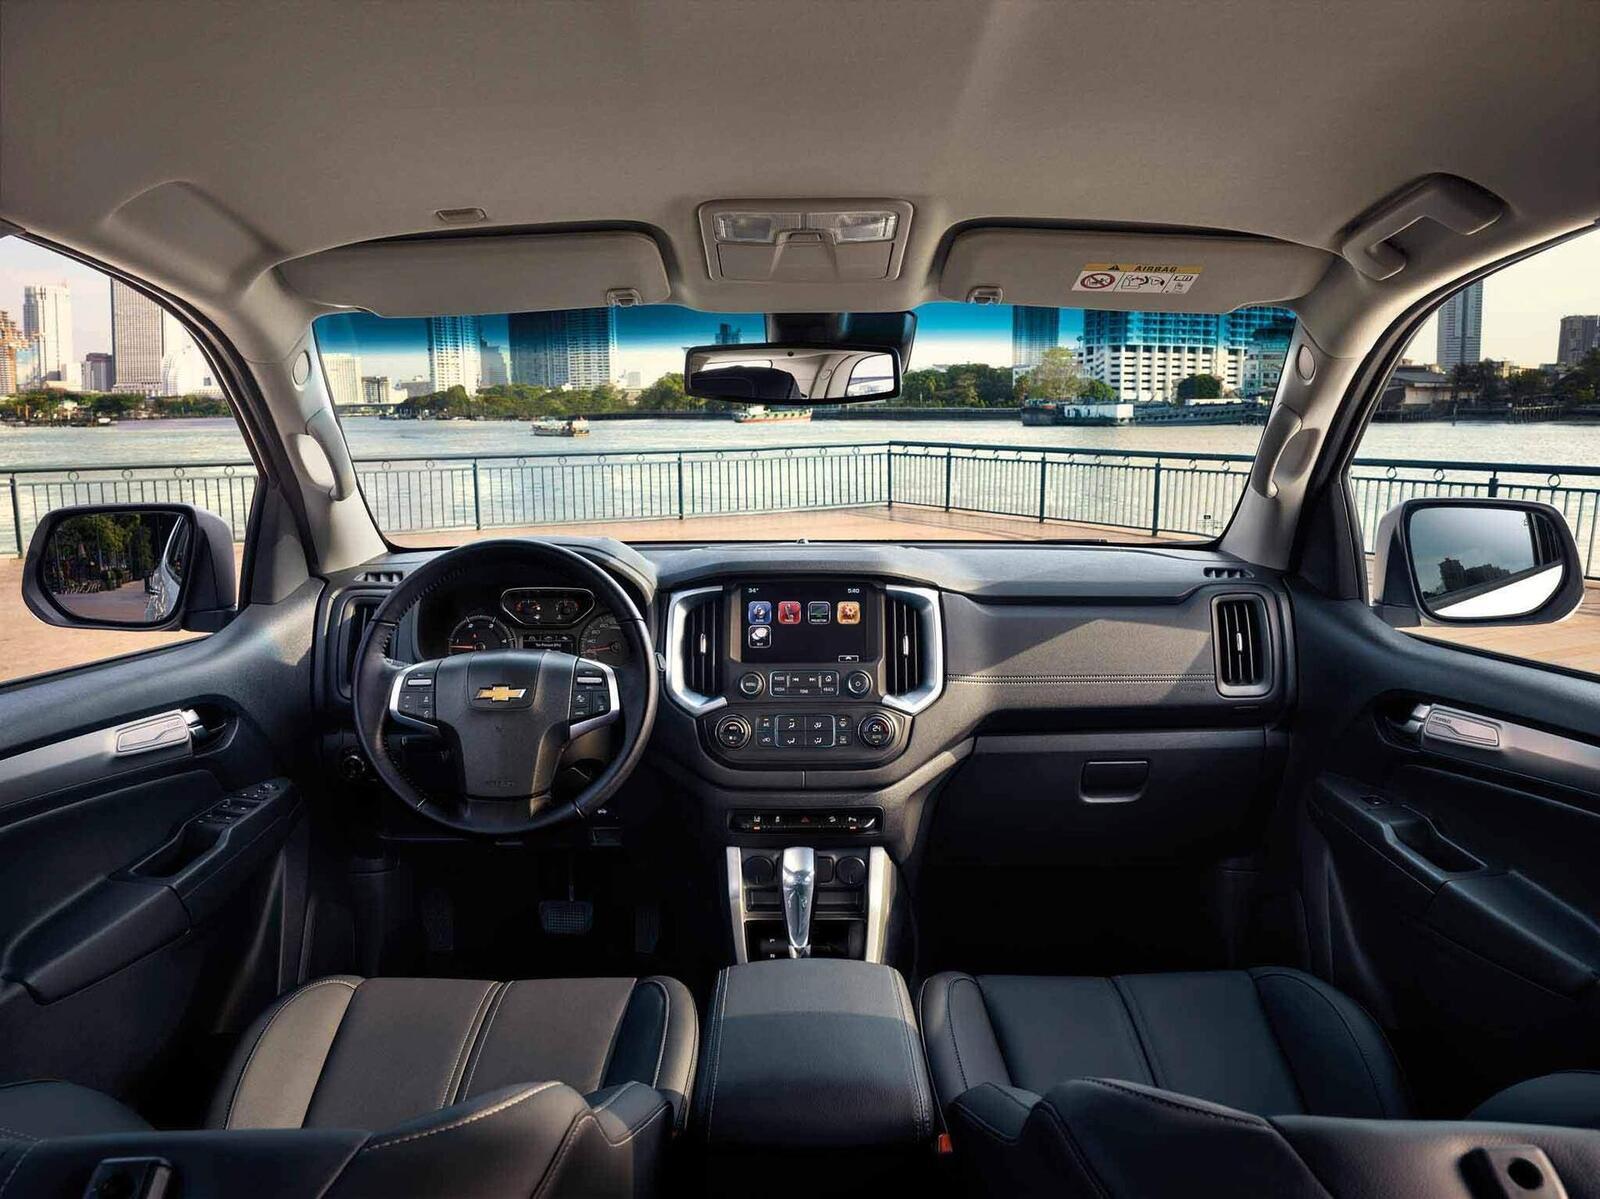 So sánh giá bán của Toyota Fortuner và Chevrolet Trailblazer - Hình 10